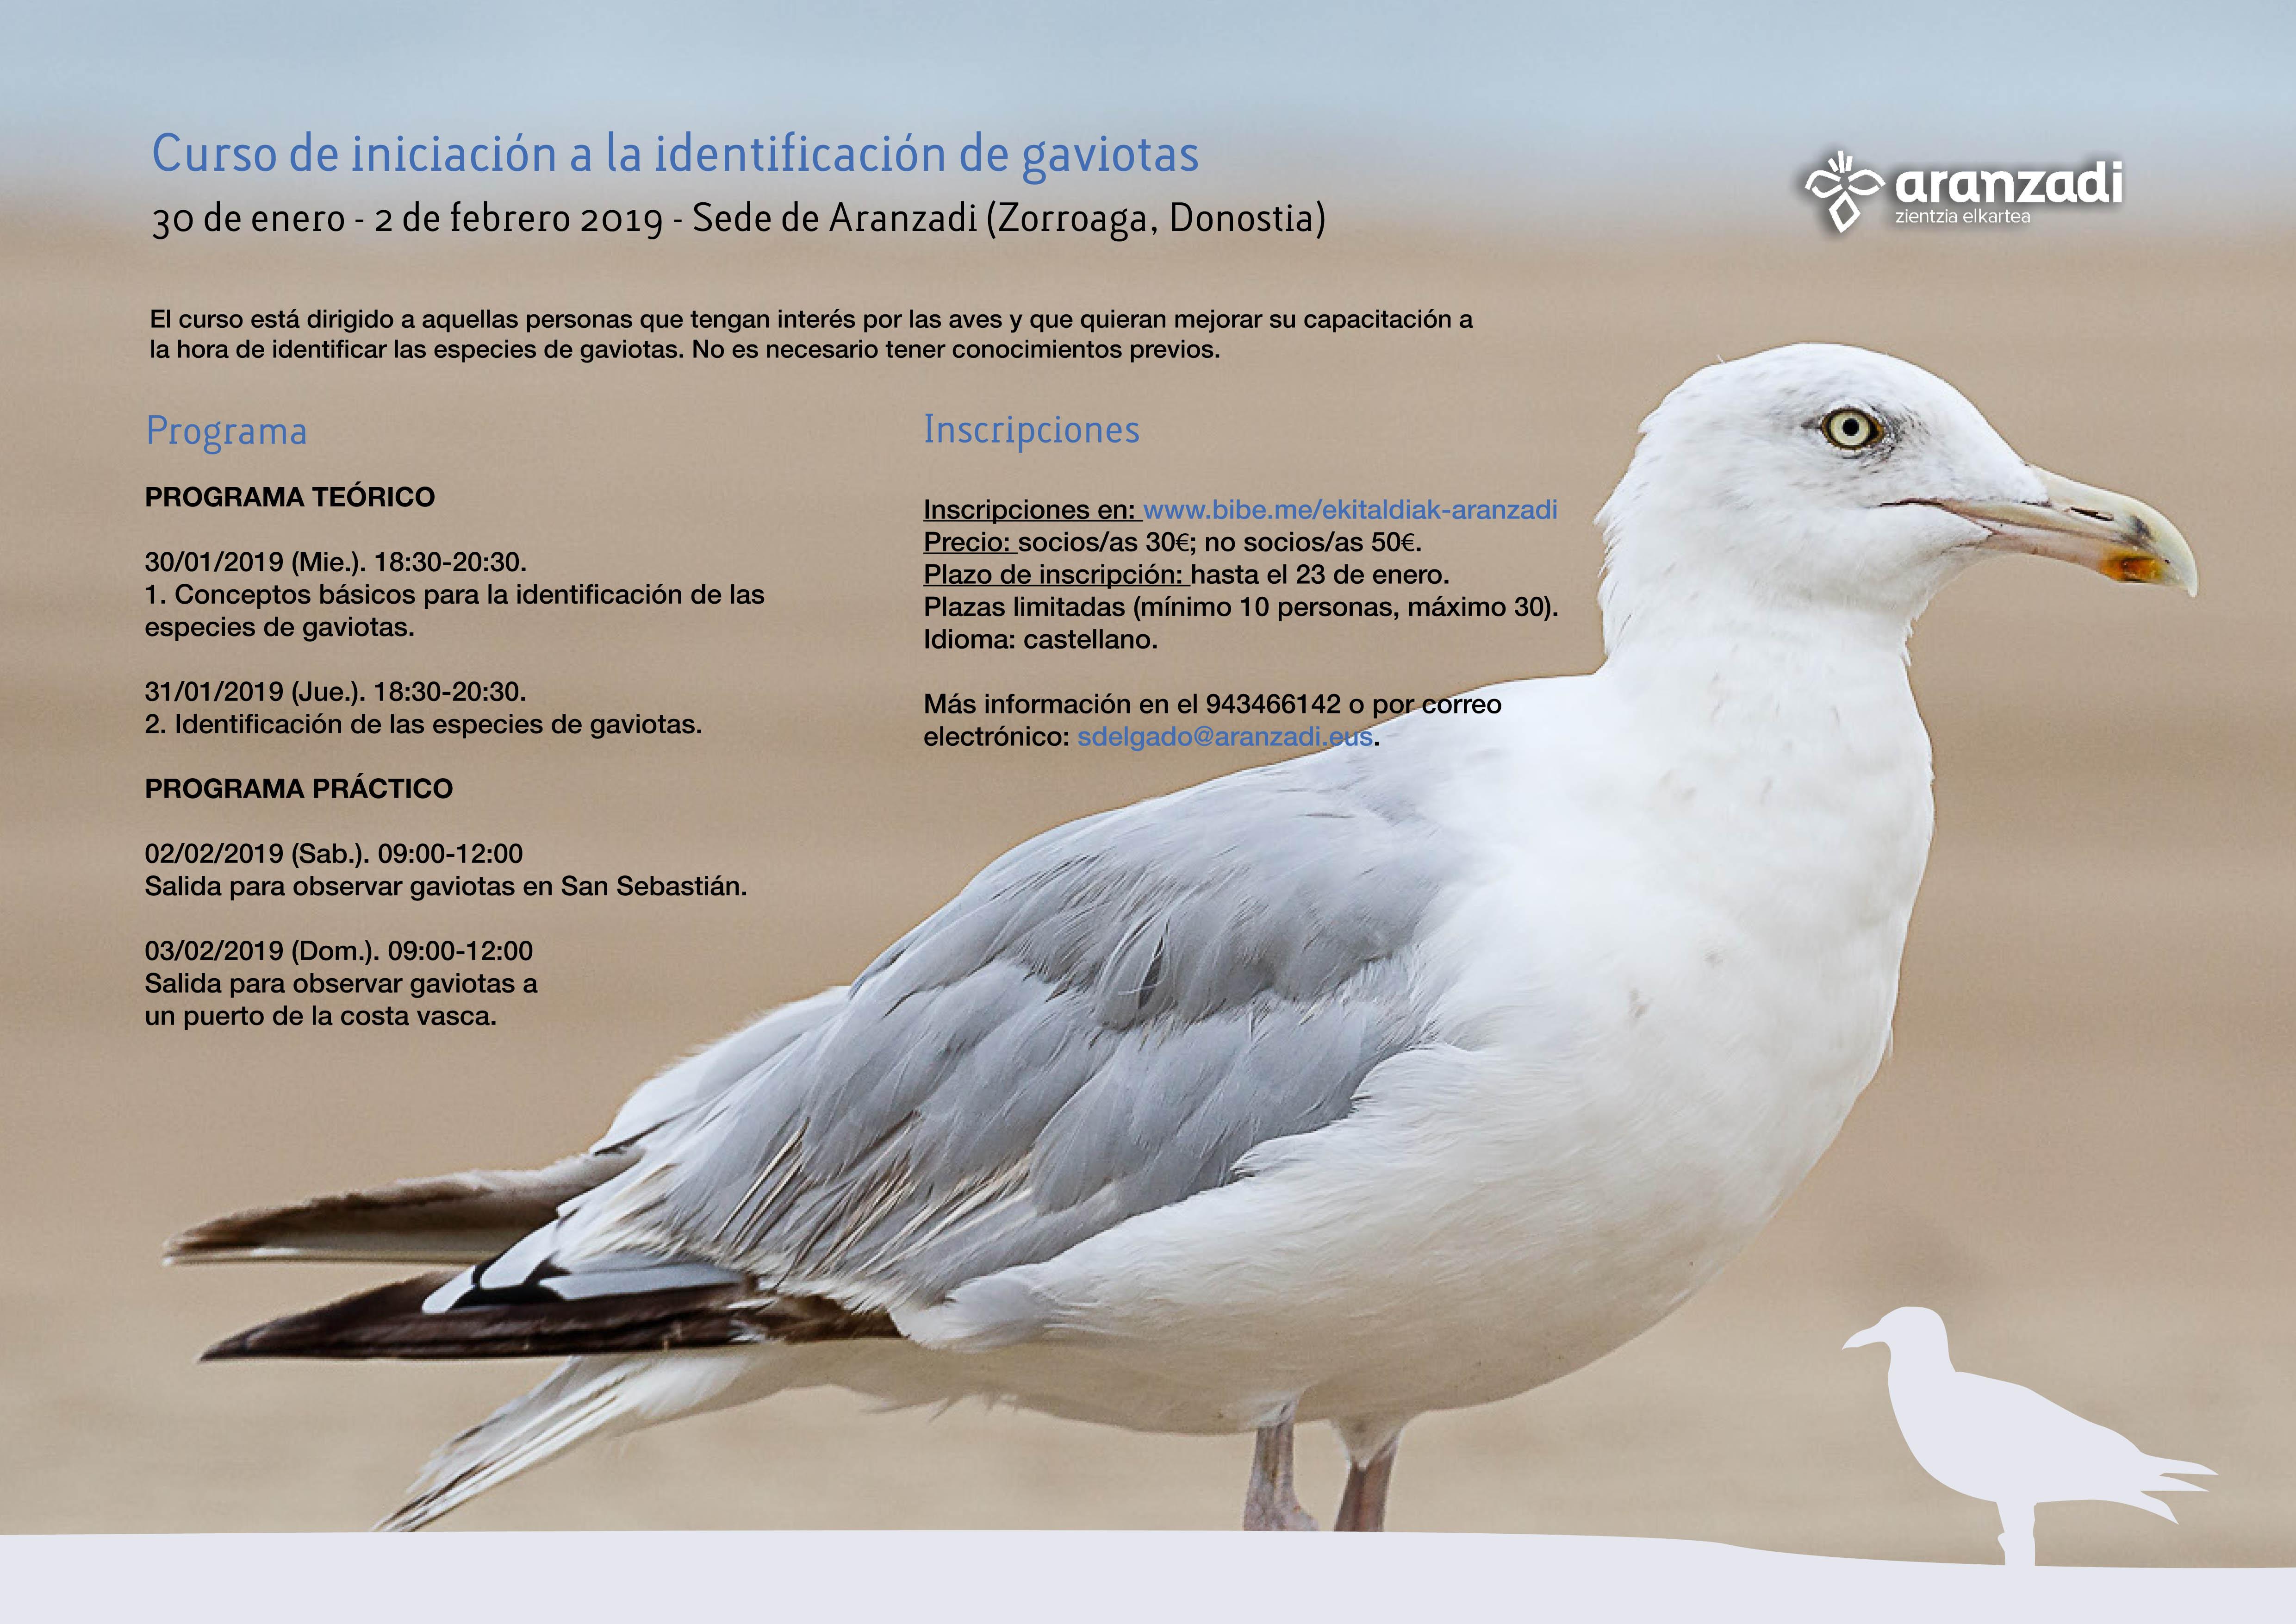 Curso de iniciación a la identificación de gaviotas, con Aranzadi